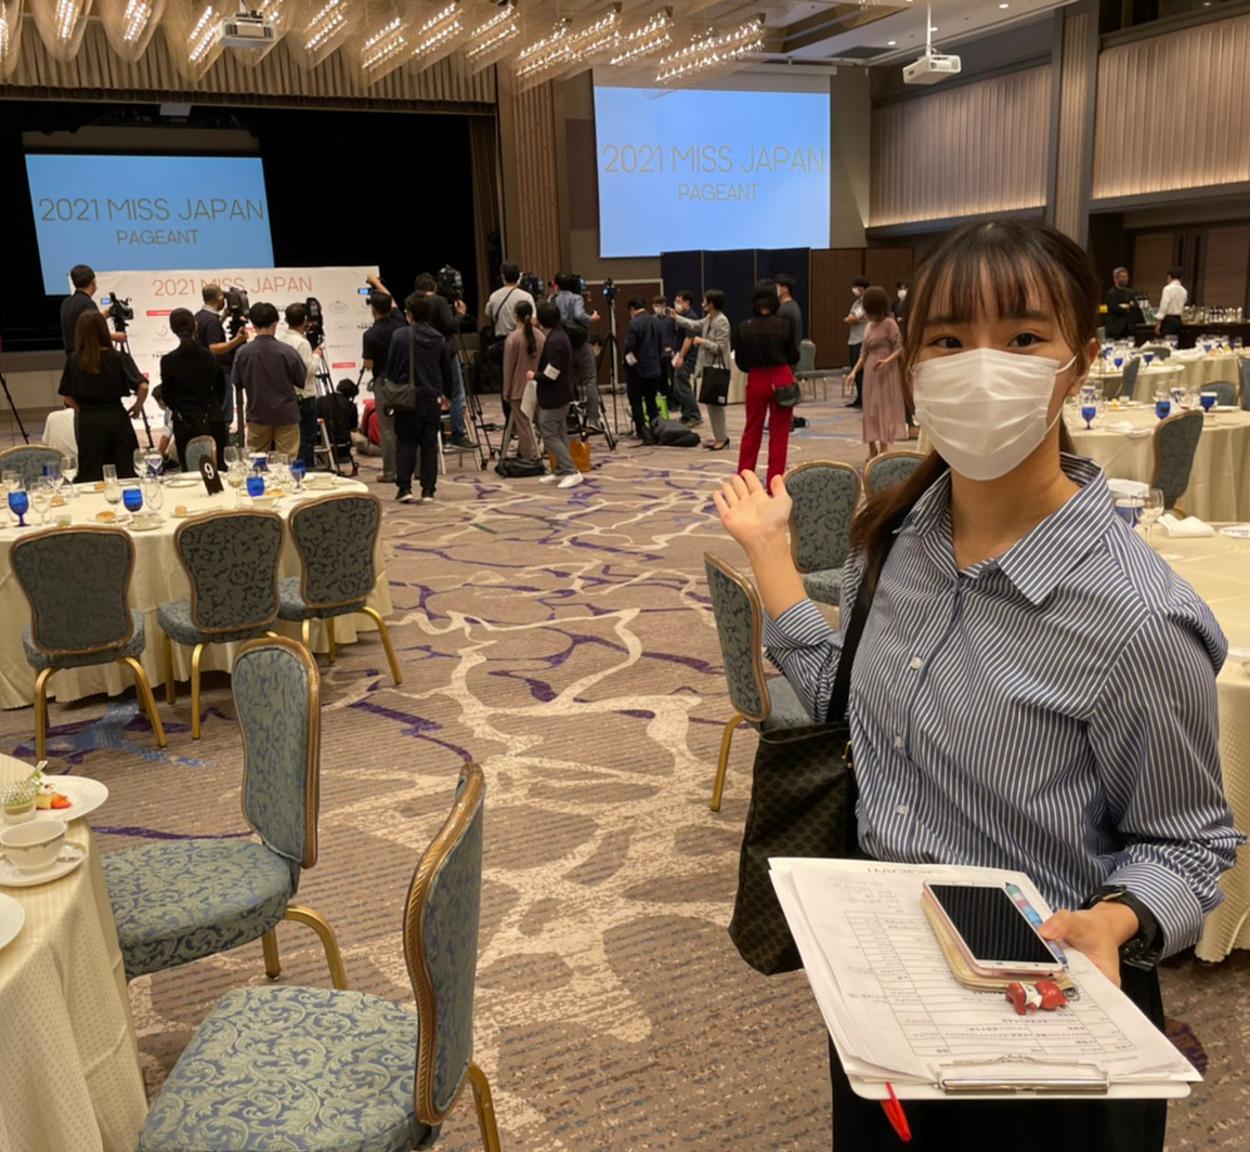 石田梨帆(東京外国語大学)ACTRESS PRESS REPORTER(アクトレスプレス・リポーター)